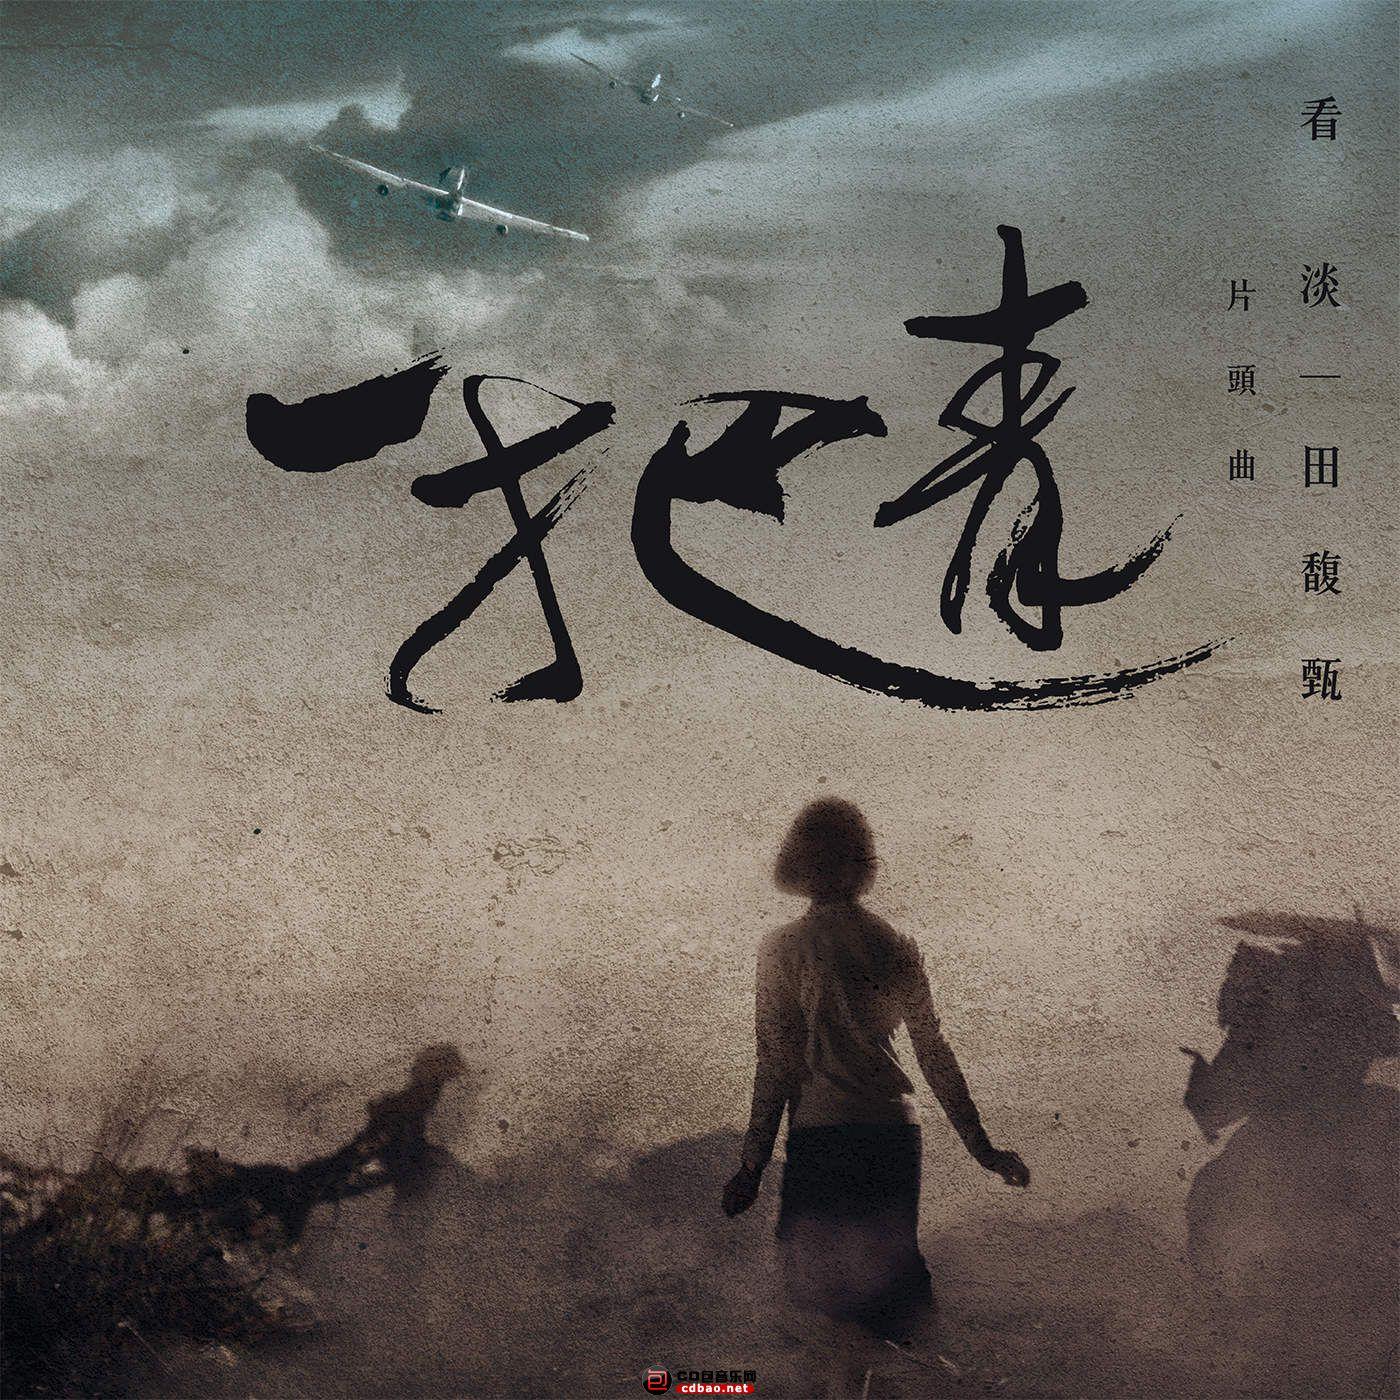 看淡 (電視劇「一把青」片頭曲) - Single 1.jpg